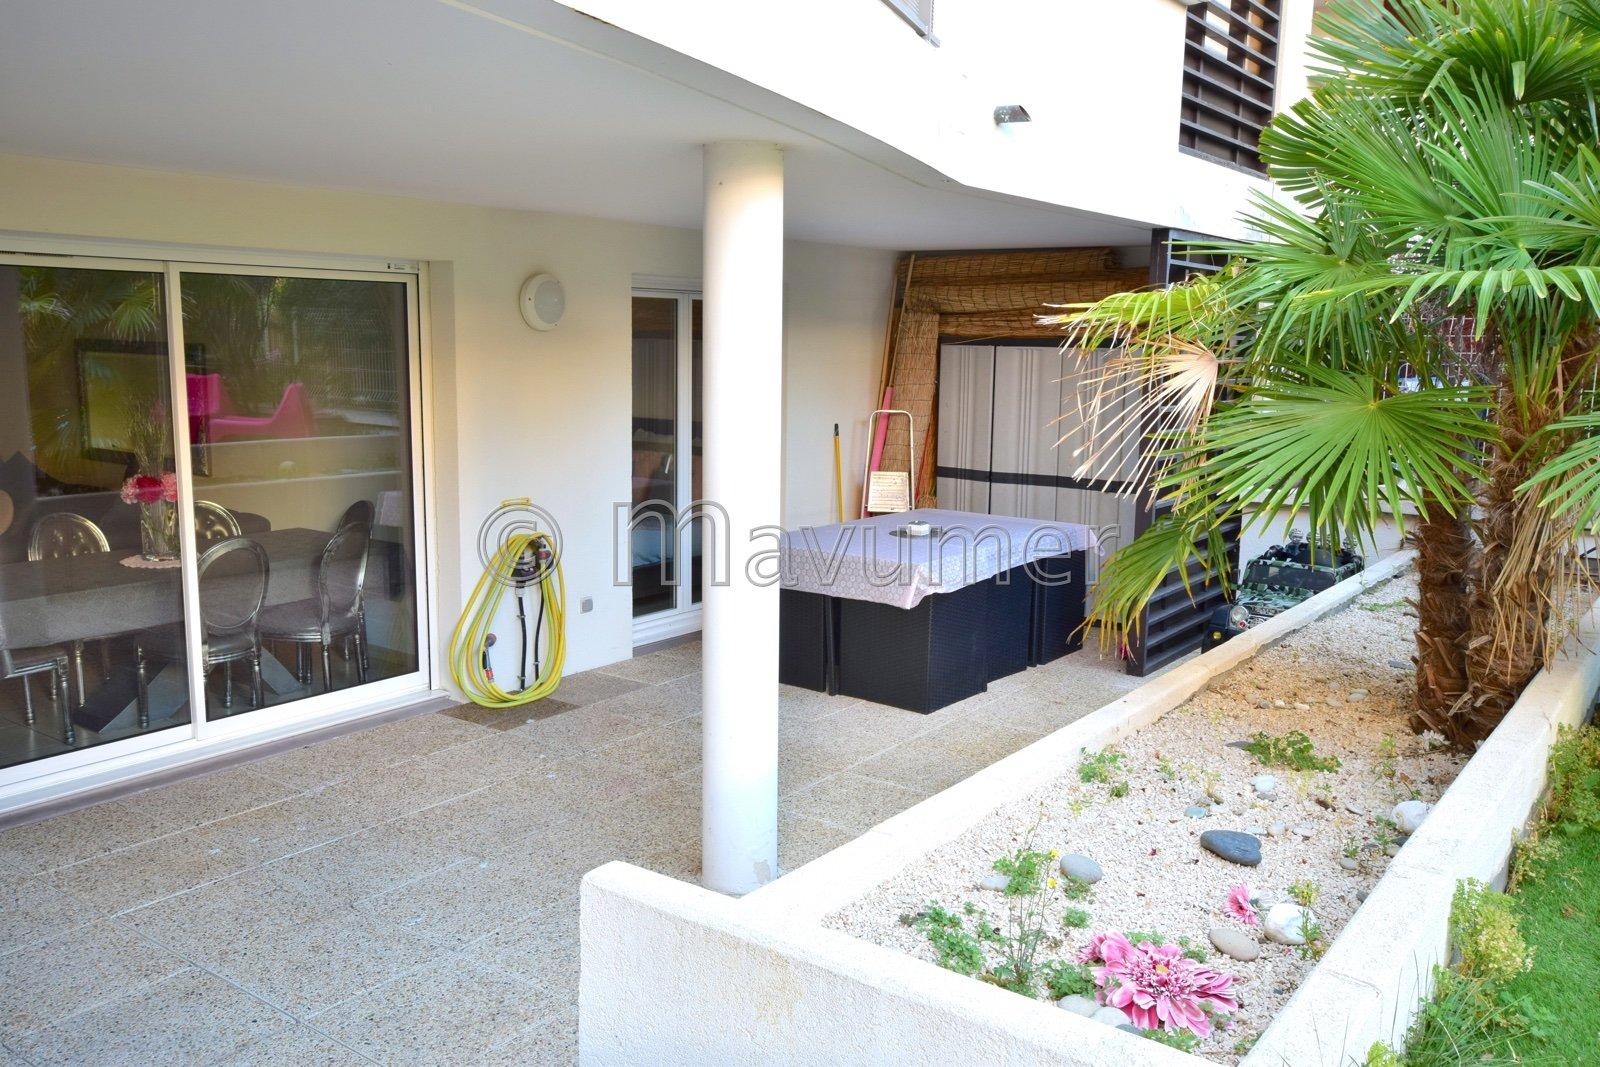 Appartement T4 avec jardin et box 13008 Marseille